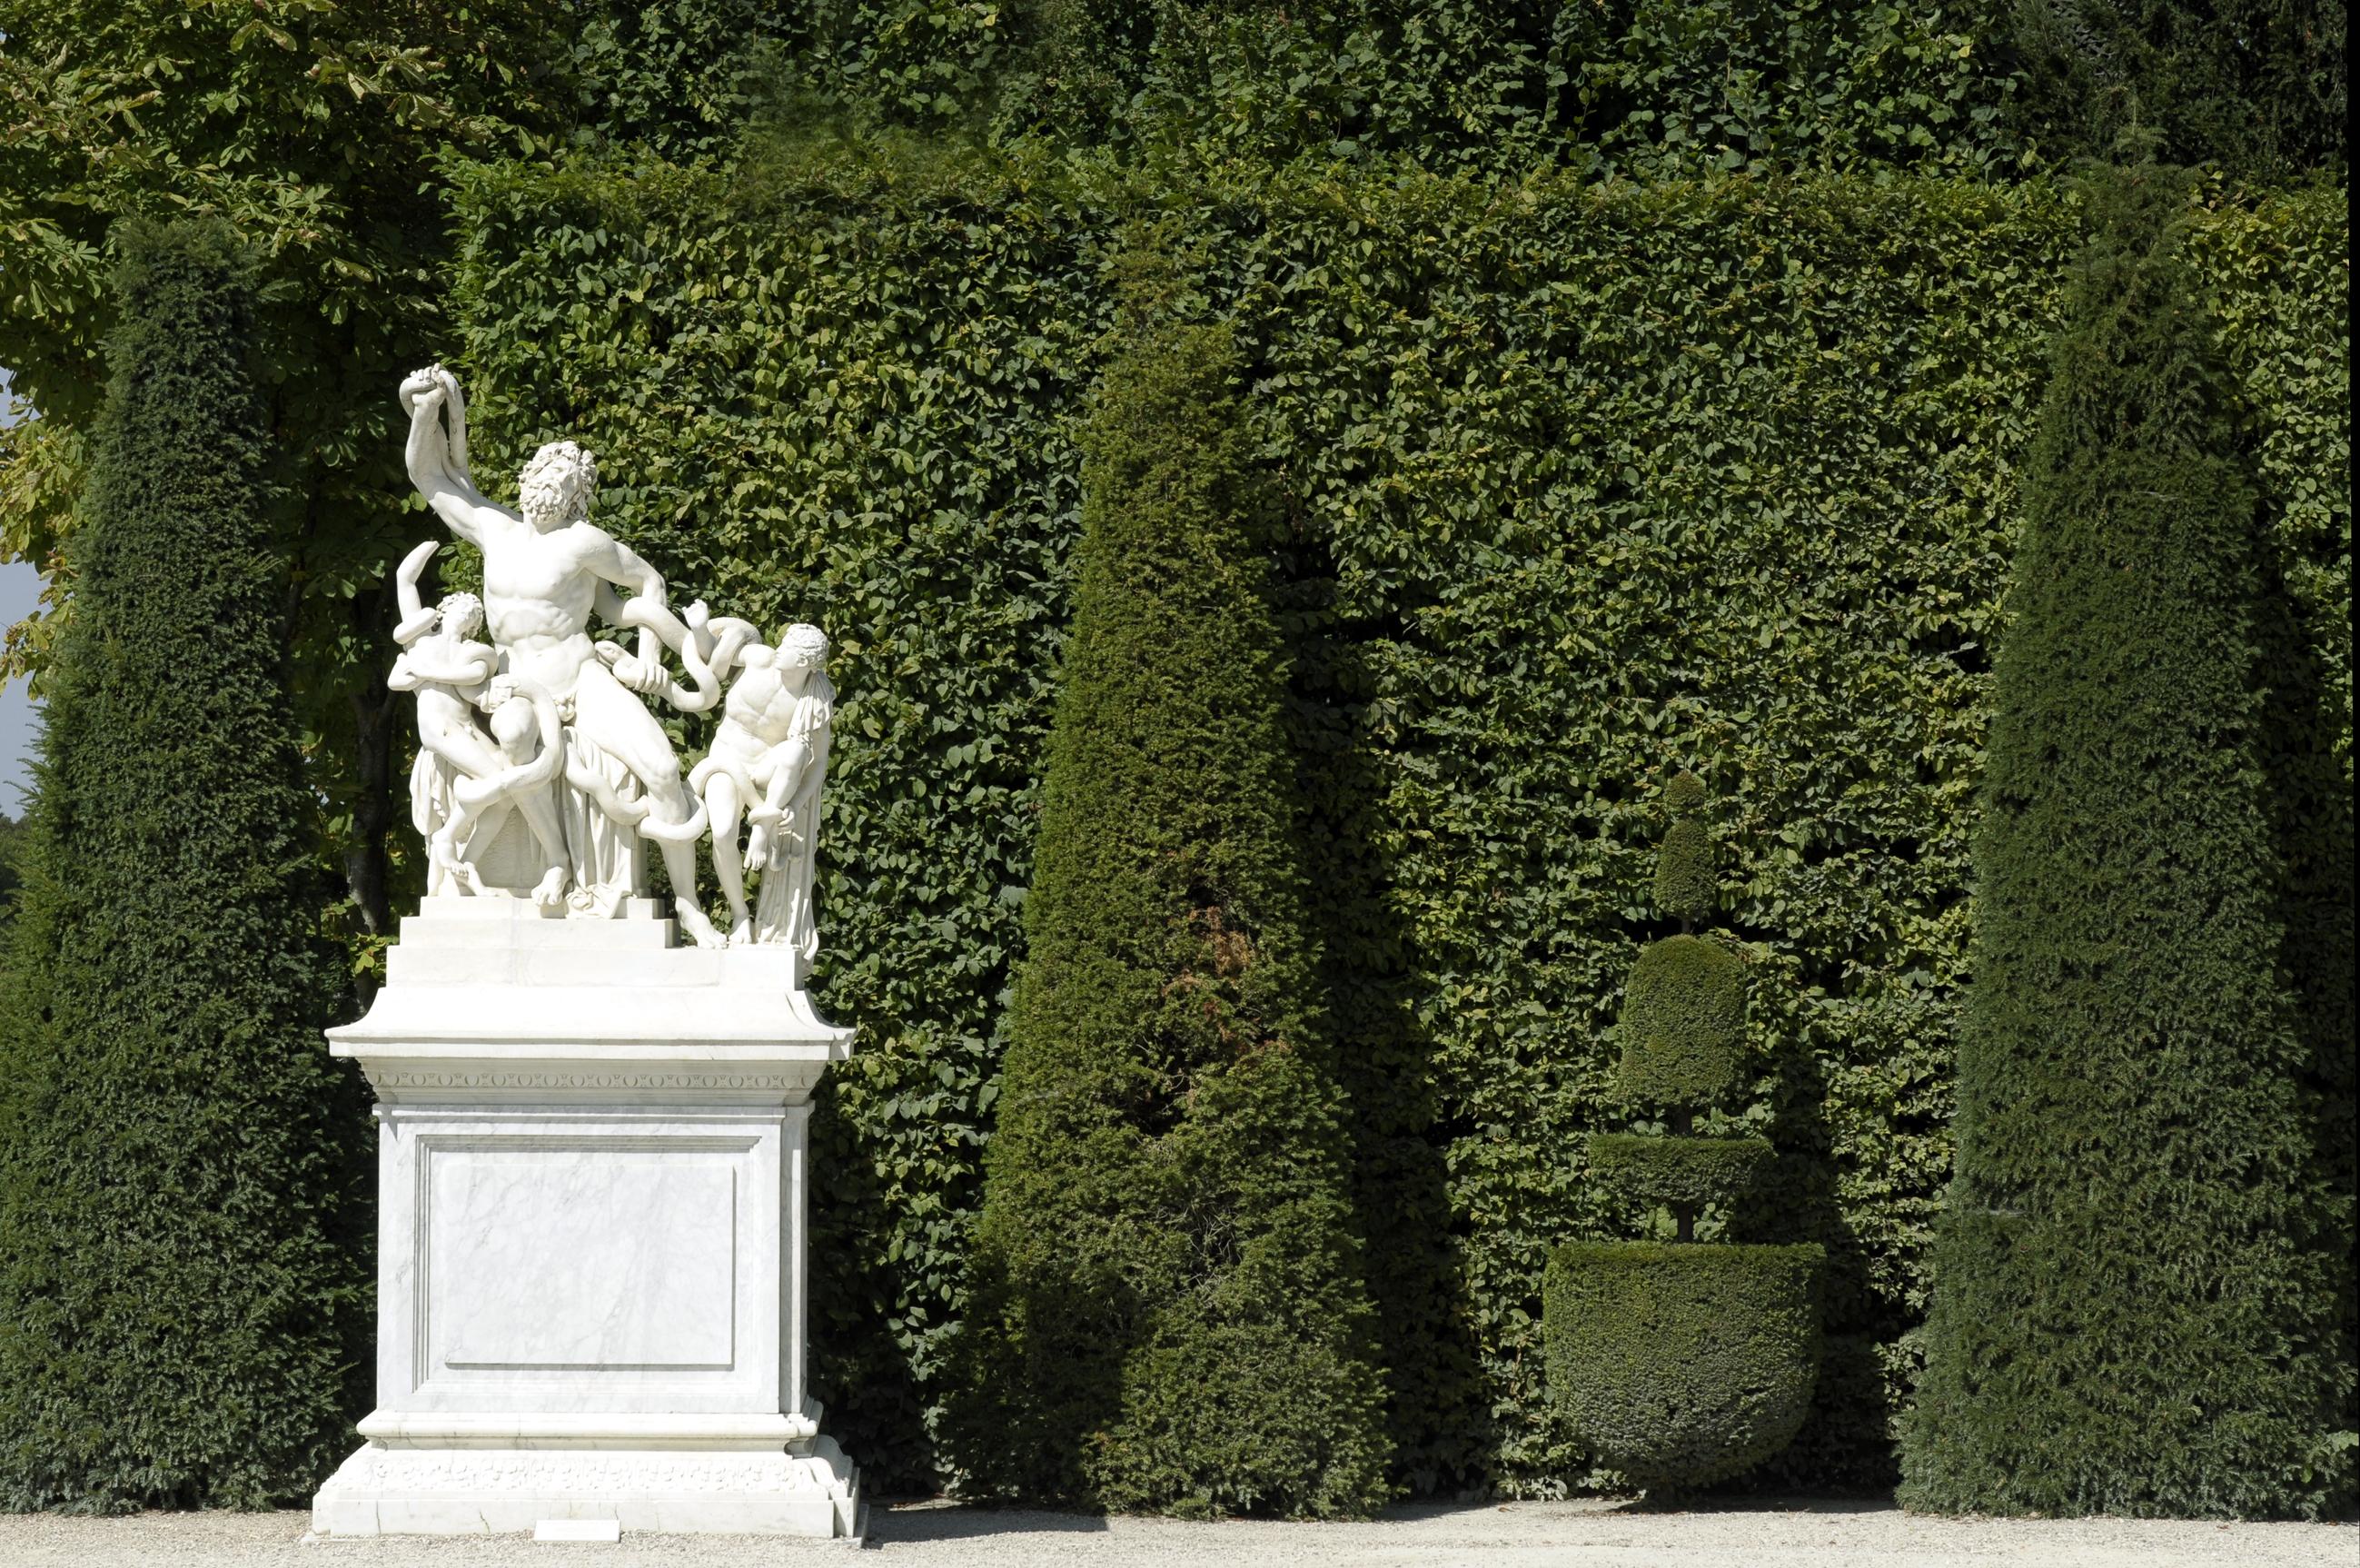 Chateau de Versailles%252C Grande Eaux Musicales et Grandes Eaux Nocturnes Visite du Potager du Roi%252C Versailles 2011.